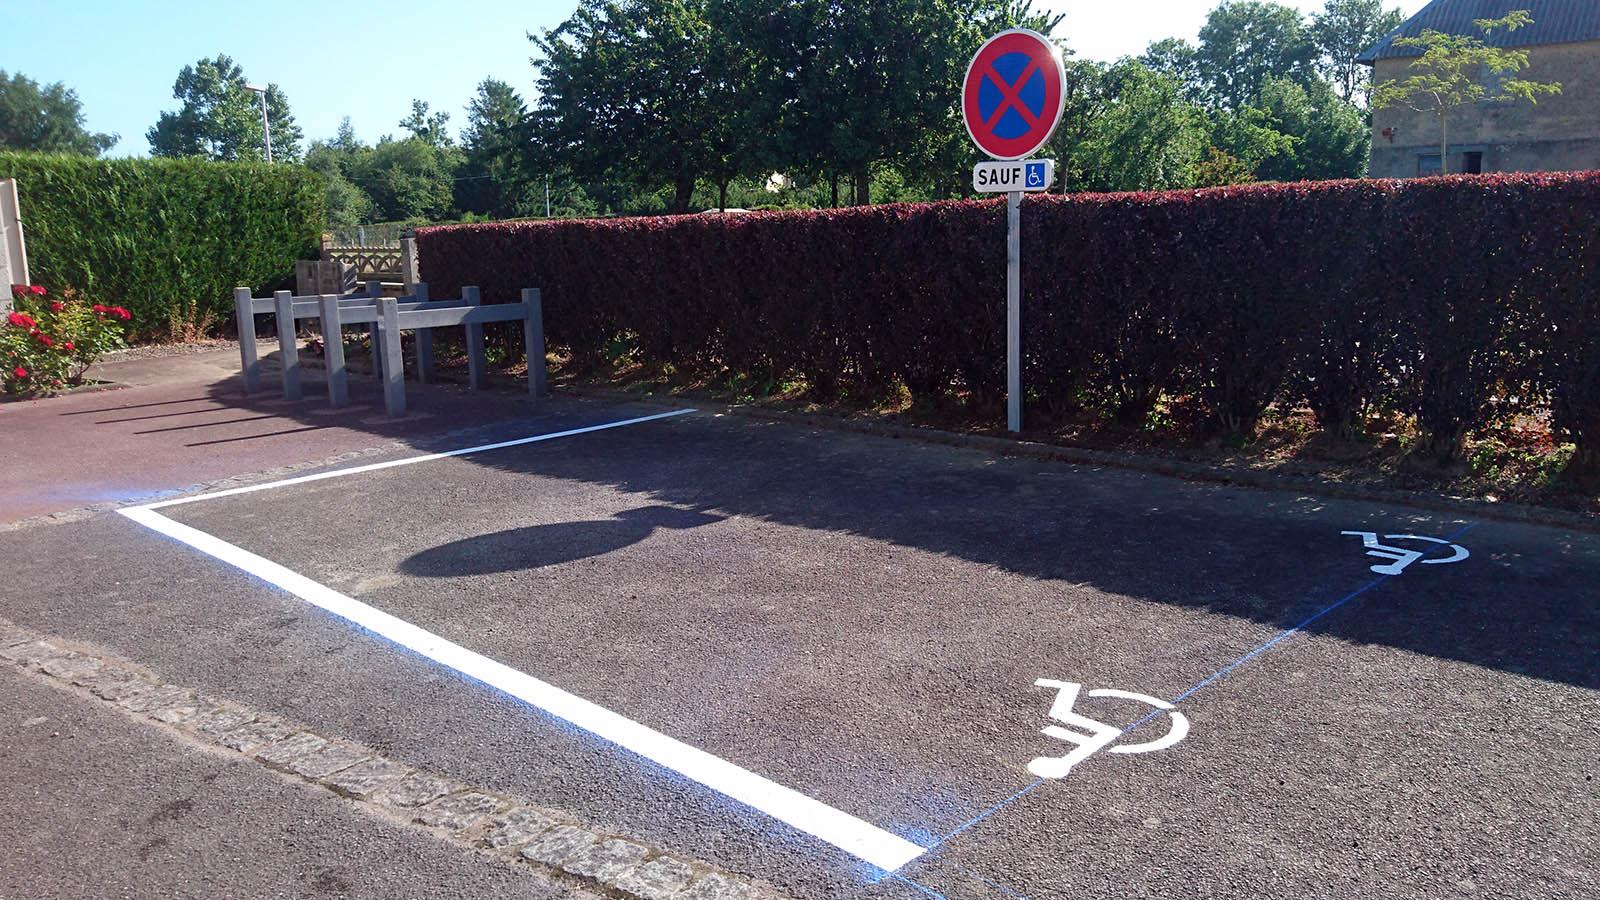 marquage-sol-place-stationnement-handicape-voirie-peinture-vire